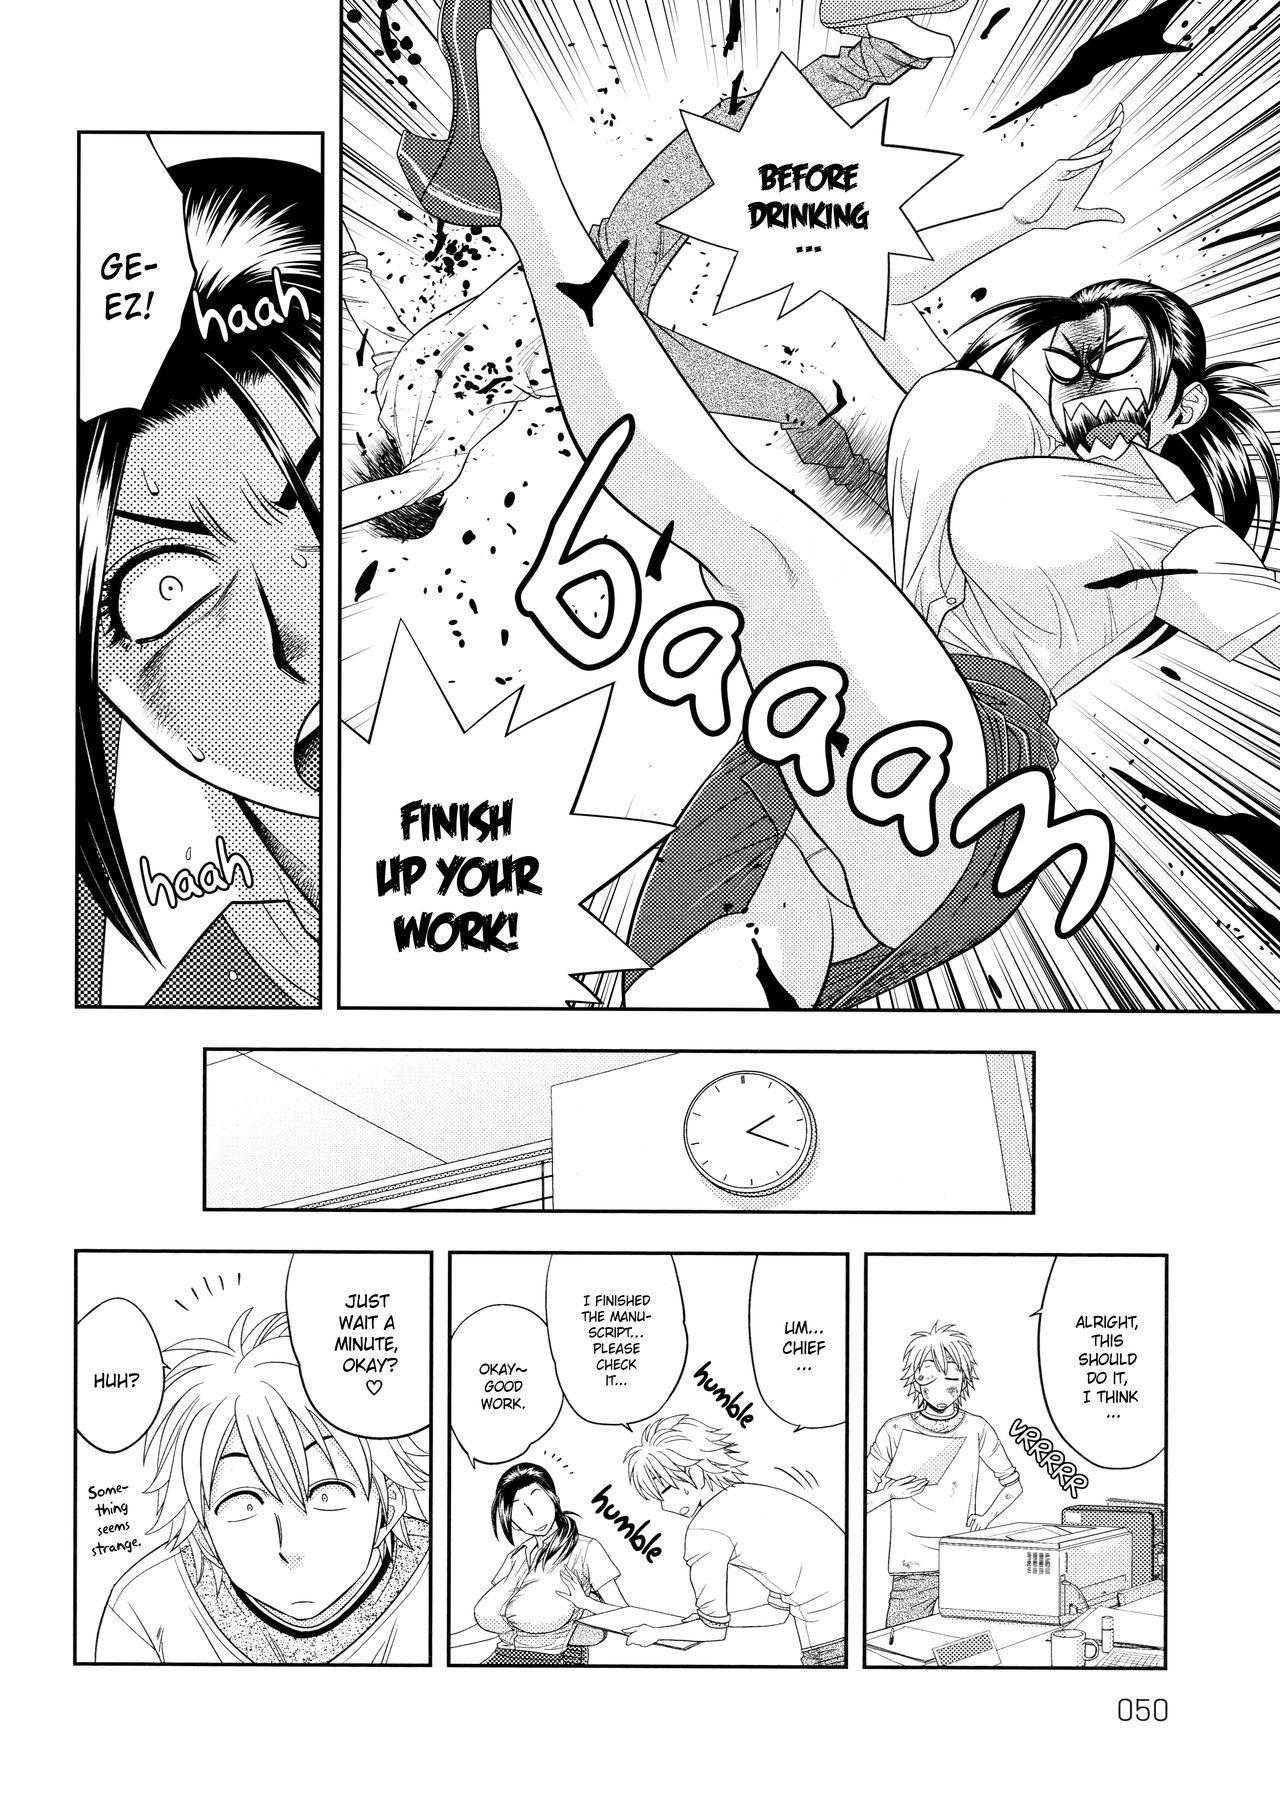 [Tatsunami Youtoku, Yamasaki Masato] Bijin Henshuu-chou no Himitsu | Beautiful Editor-in-Chief's Secret Ch. 1-8 [English] [Forbiddenfetish77, Red Vodka, Crystalium, CEDR777] [Decensored] 49